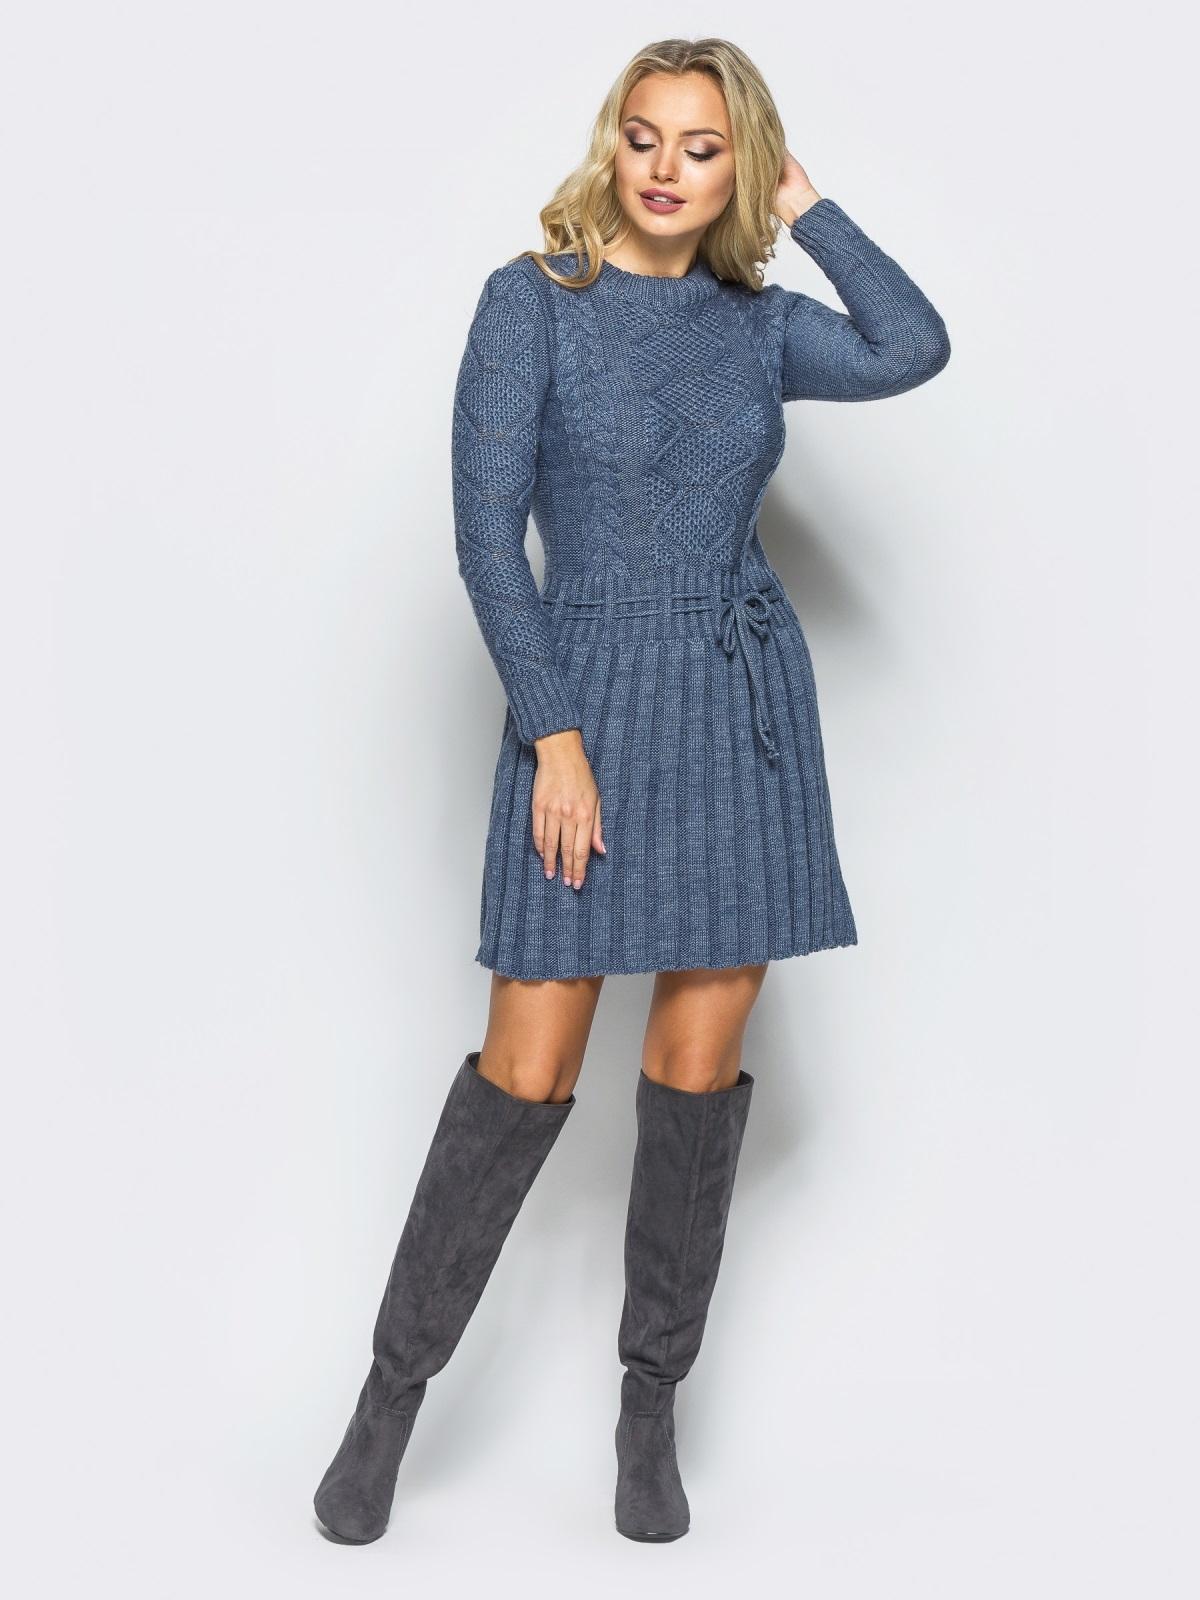 Серое вязаное платье с резинкой на поясе - 15938, фото 1 – интернет-магазин Dressa